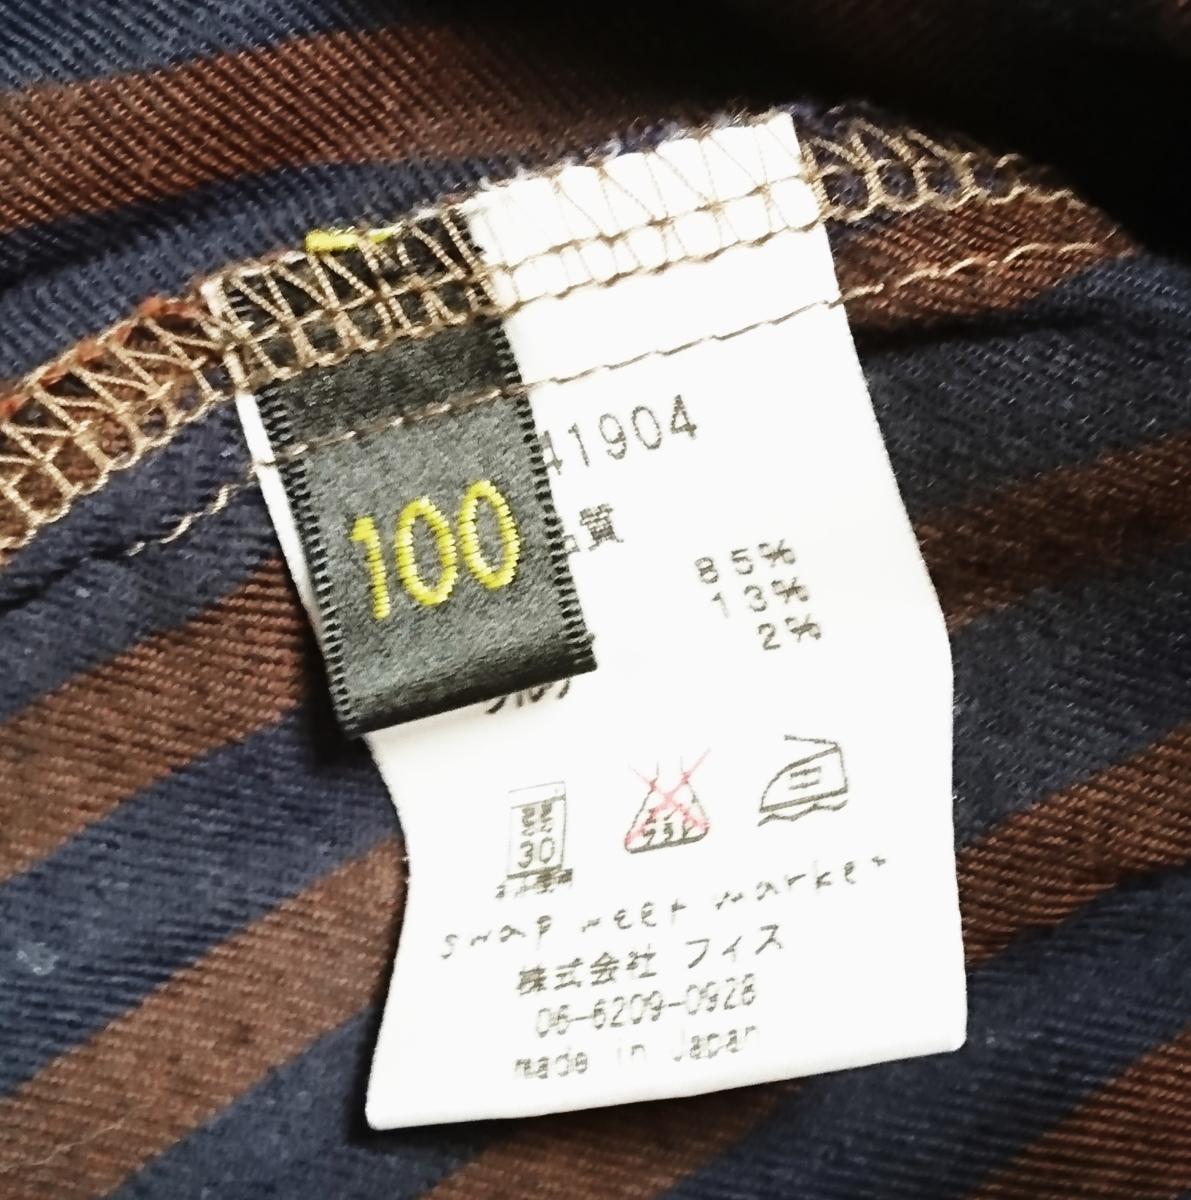 【美品】swap meet market スワップミートマーケット シルク入りワンピース♪100サイズ_画像7